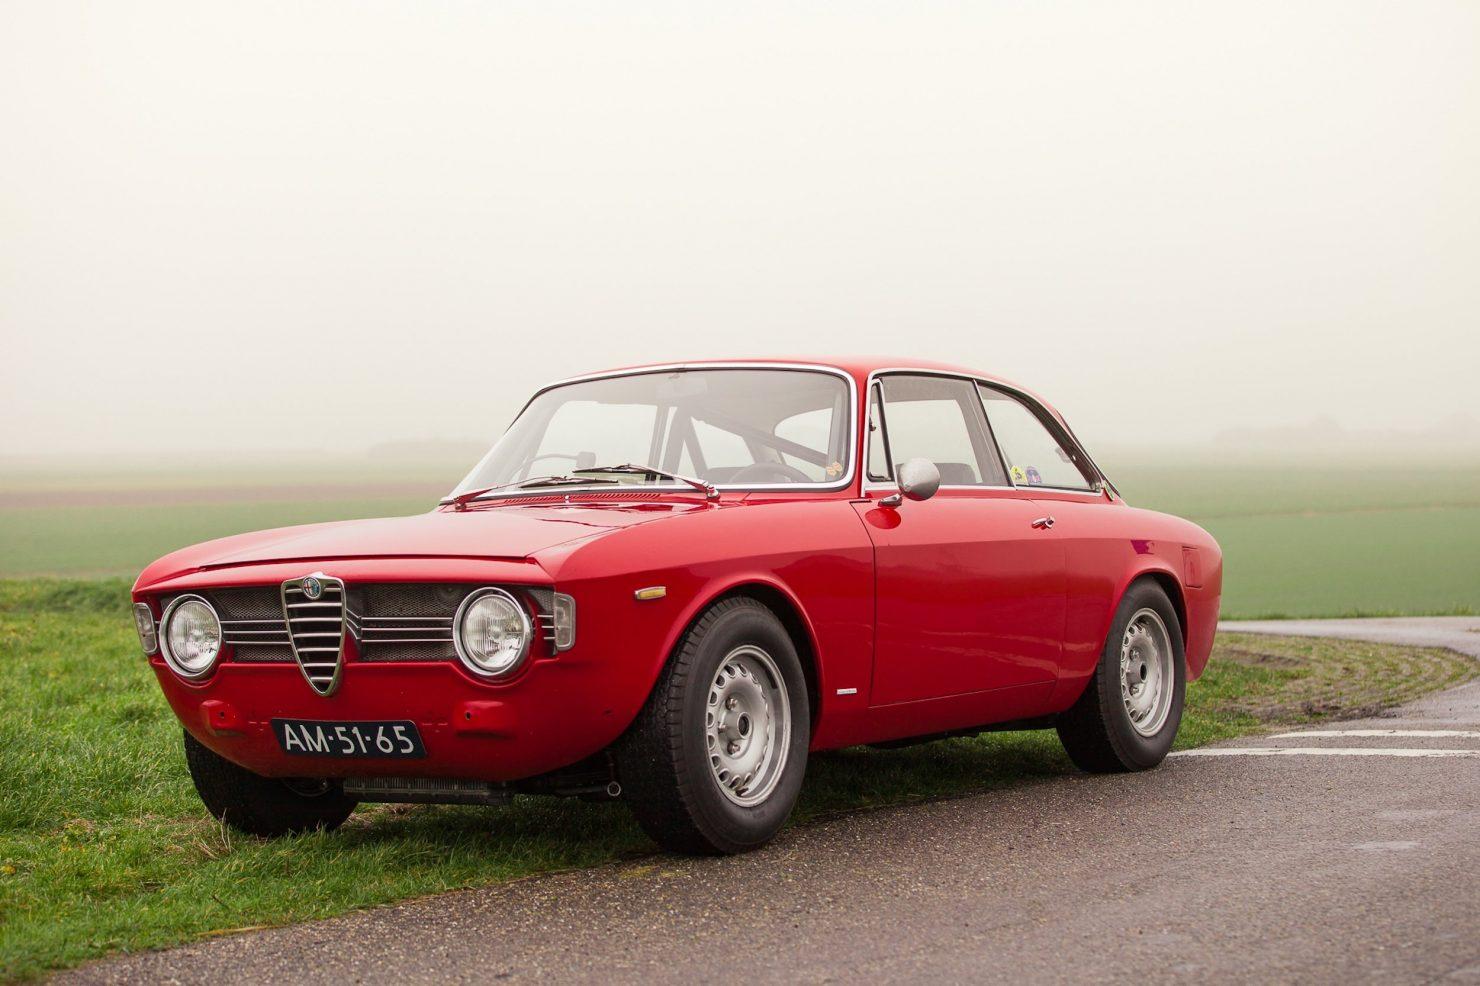 alfa romeo sprint gt veloce 1 1480x986 - 1967 Alfa Romeo Sprint GT Veloce